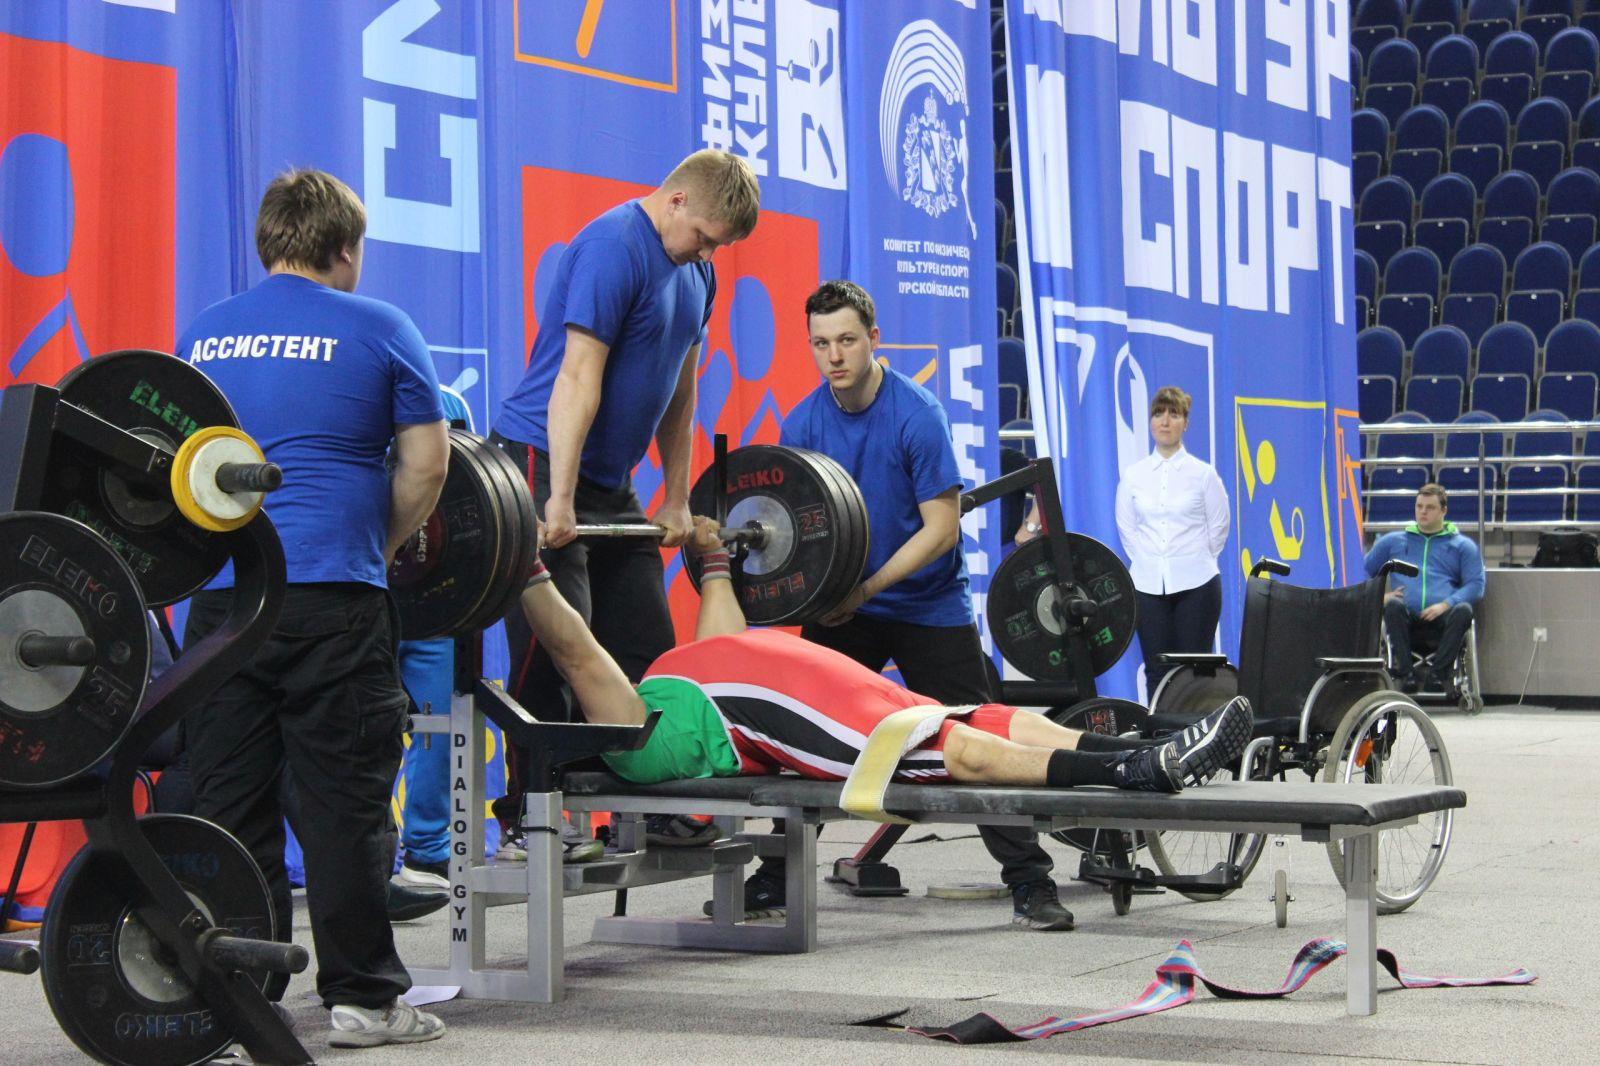 Около 200 спортсменов поведут борьбу за медали чемпионата России по пауэрлифтингу спорта лиц с ПОДА в Суздале